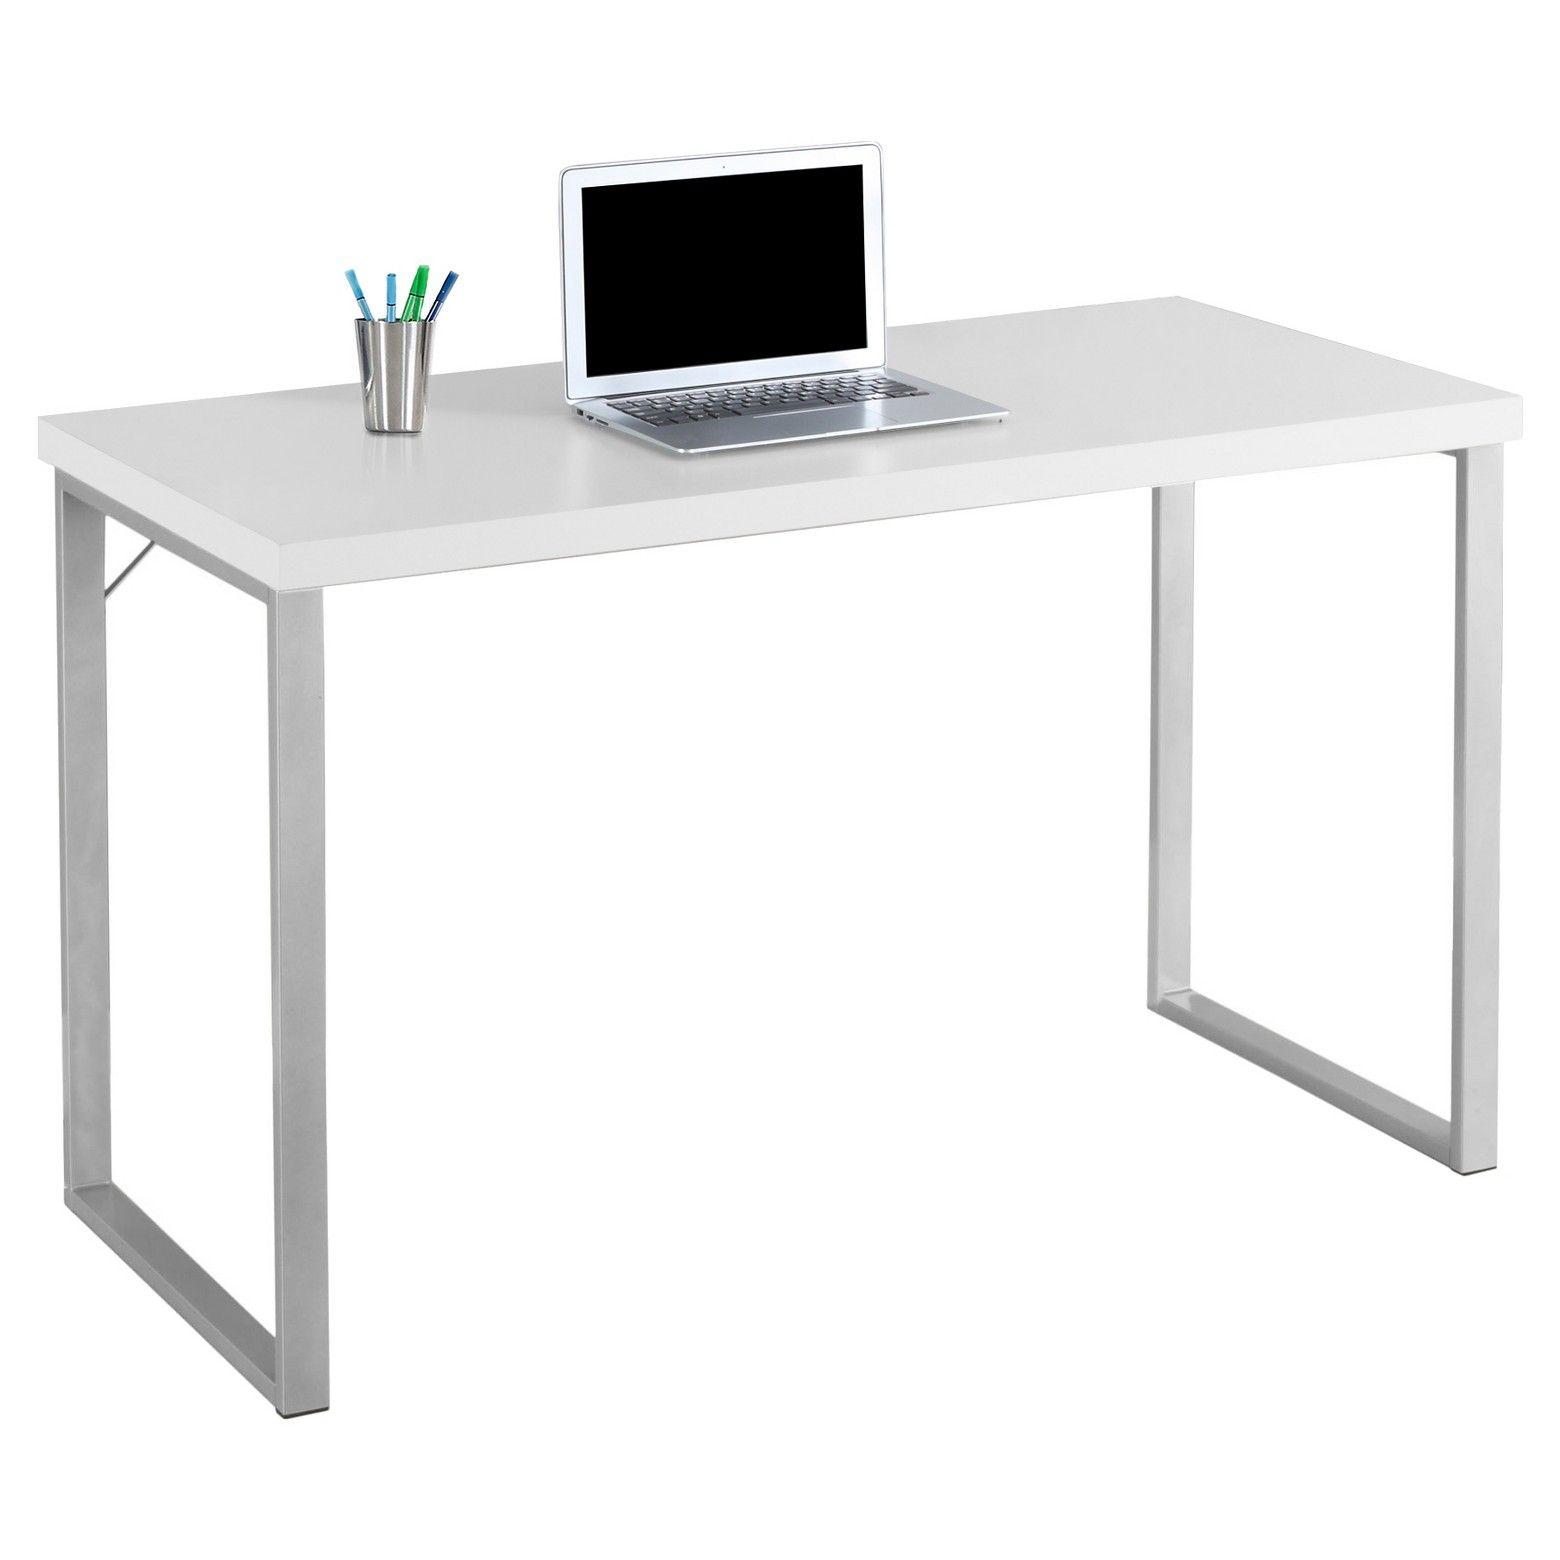 Contemporary Silver Metal Computer Desk White Everyroom Metal Computer Desk White Computer Desk White Desks